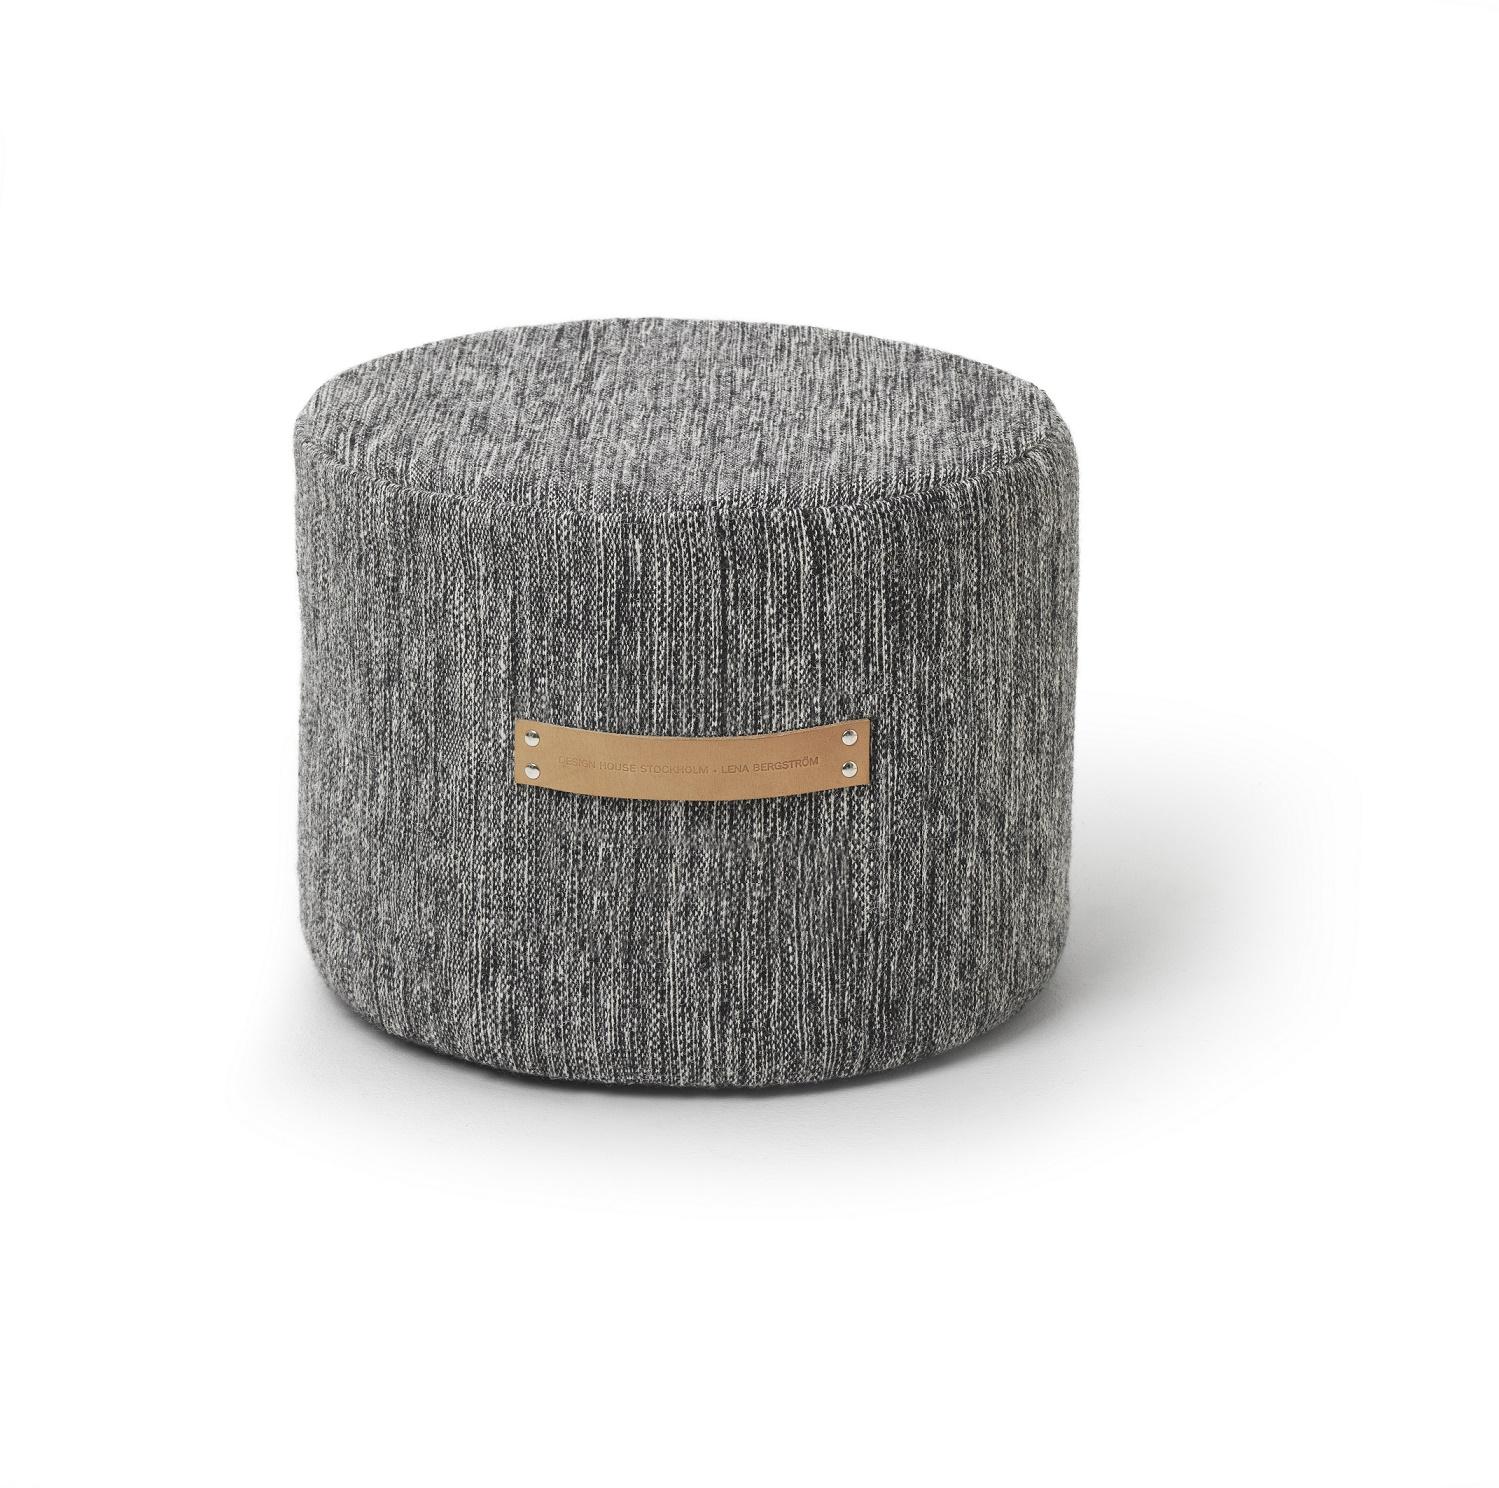 design house stockholm pouf stool low bjork dark grey. Black Bedroom Furniture Sets. Home Design Ideas